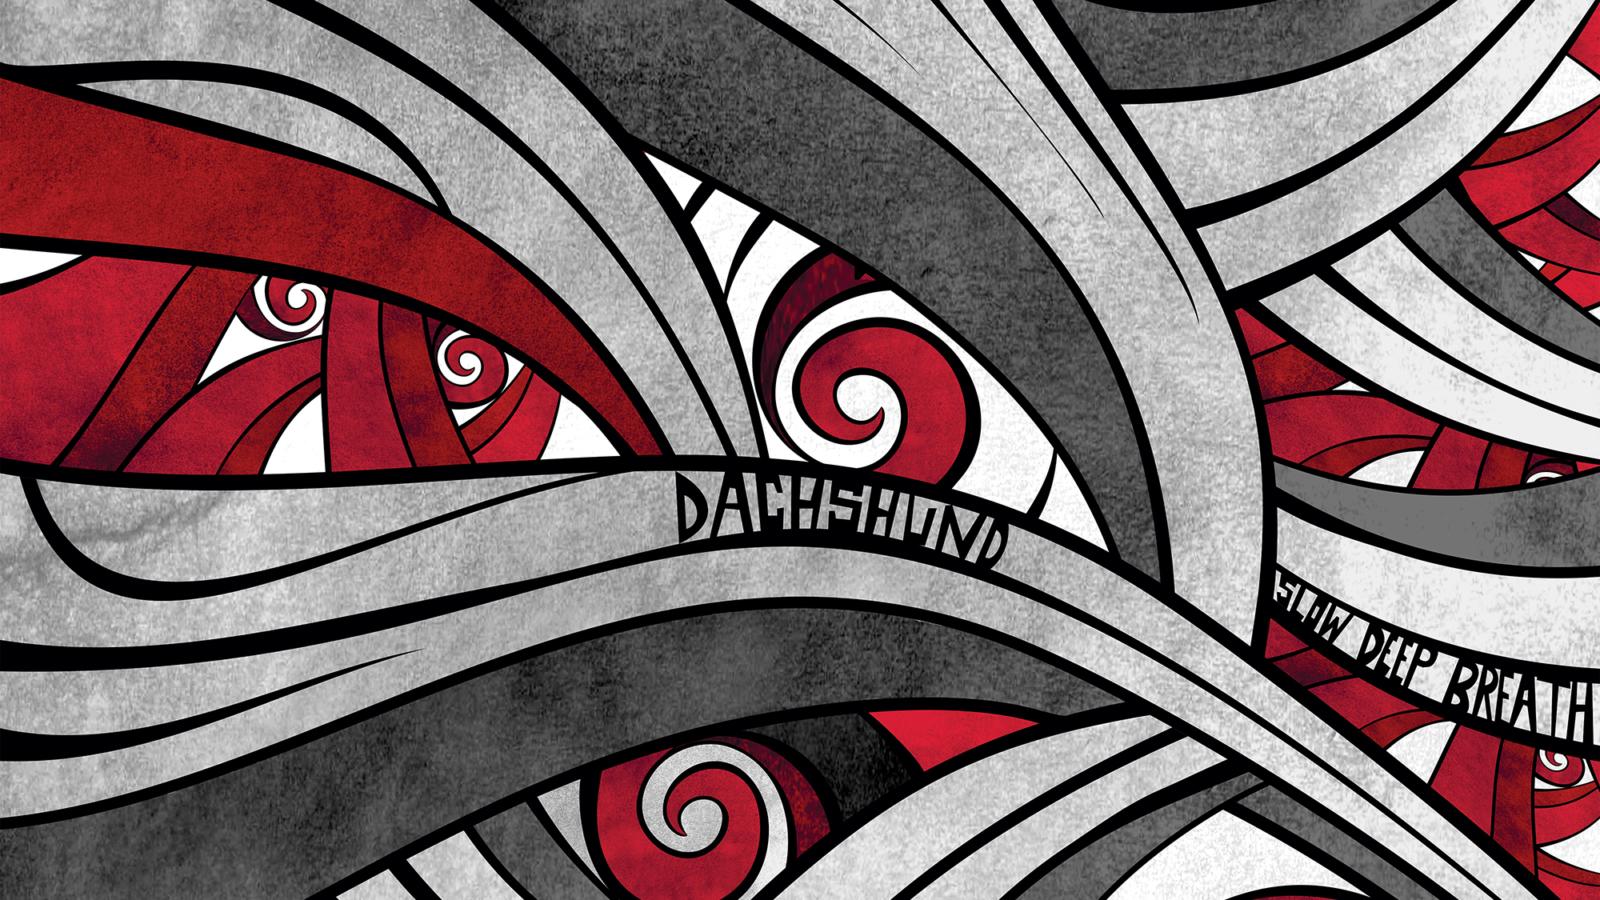 GRU105 ARTWORK Dachshund - Slow Deep Breath EP - Gruuv